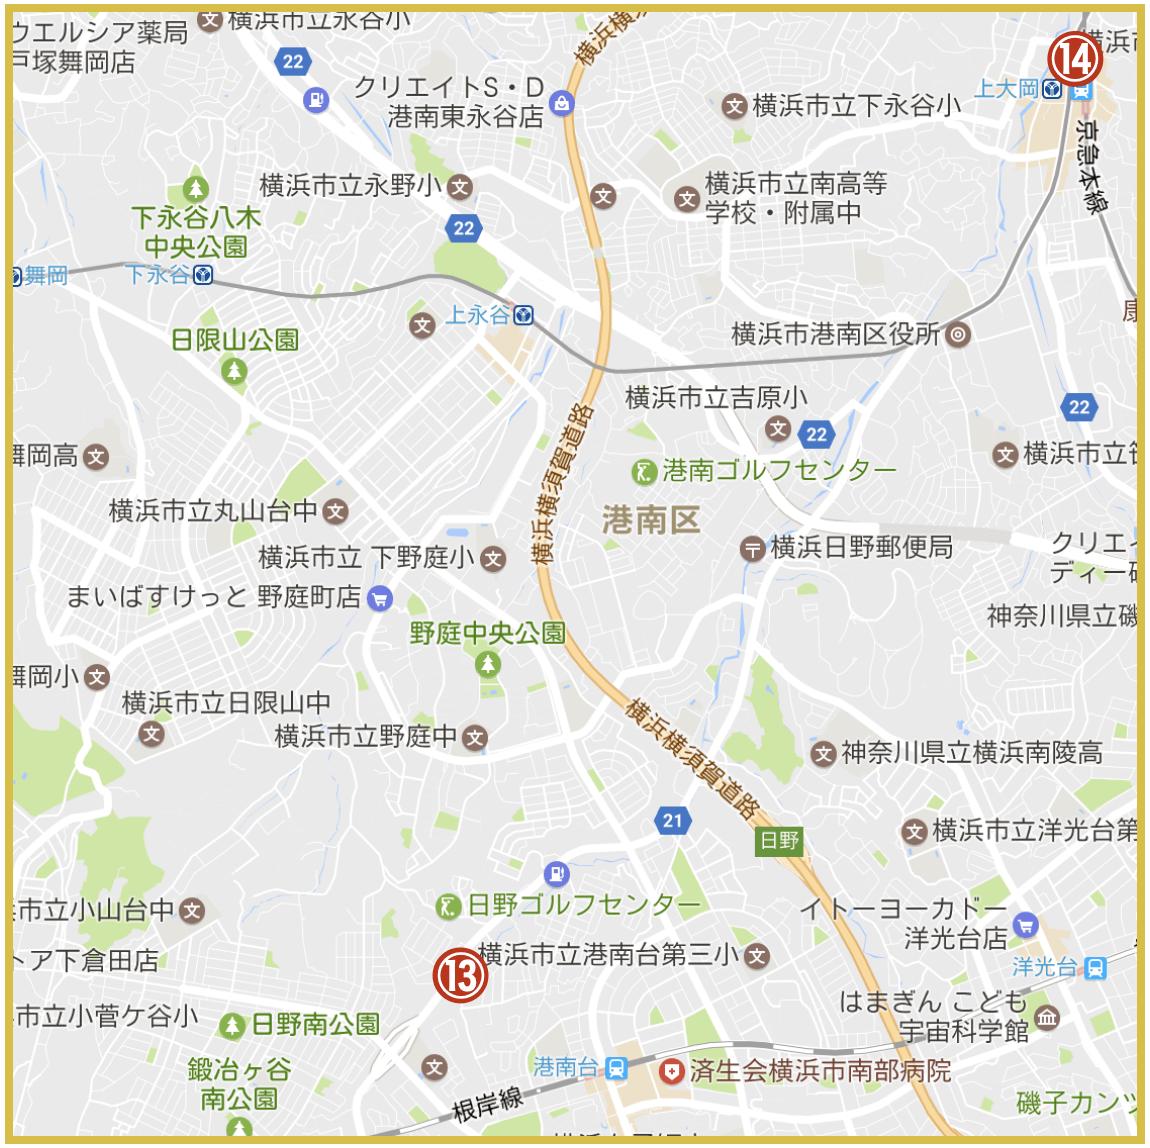 横浜市港南区にあるアイフル店舗・ATMの位置(2020年版)